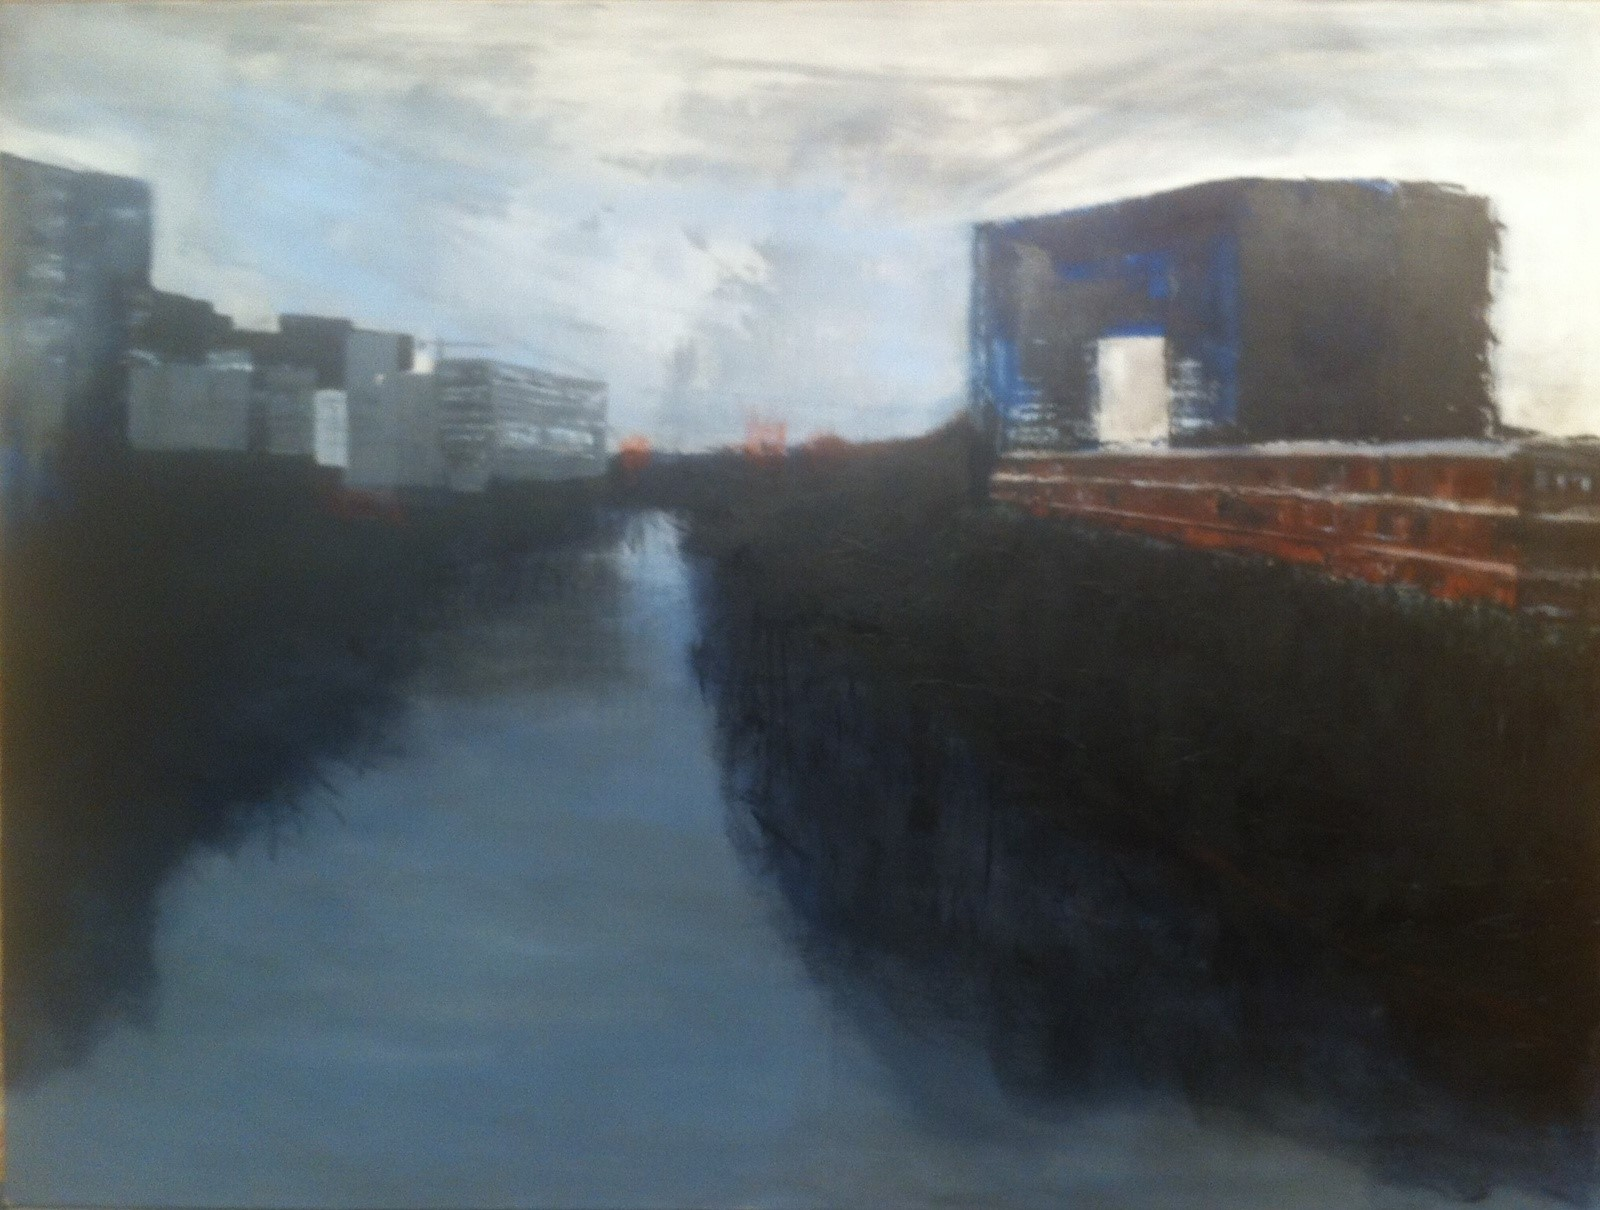 N°1780 - Rives du Lez - Acrylique sur toile - 97 x 130 cm - 10 février 2015